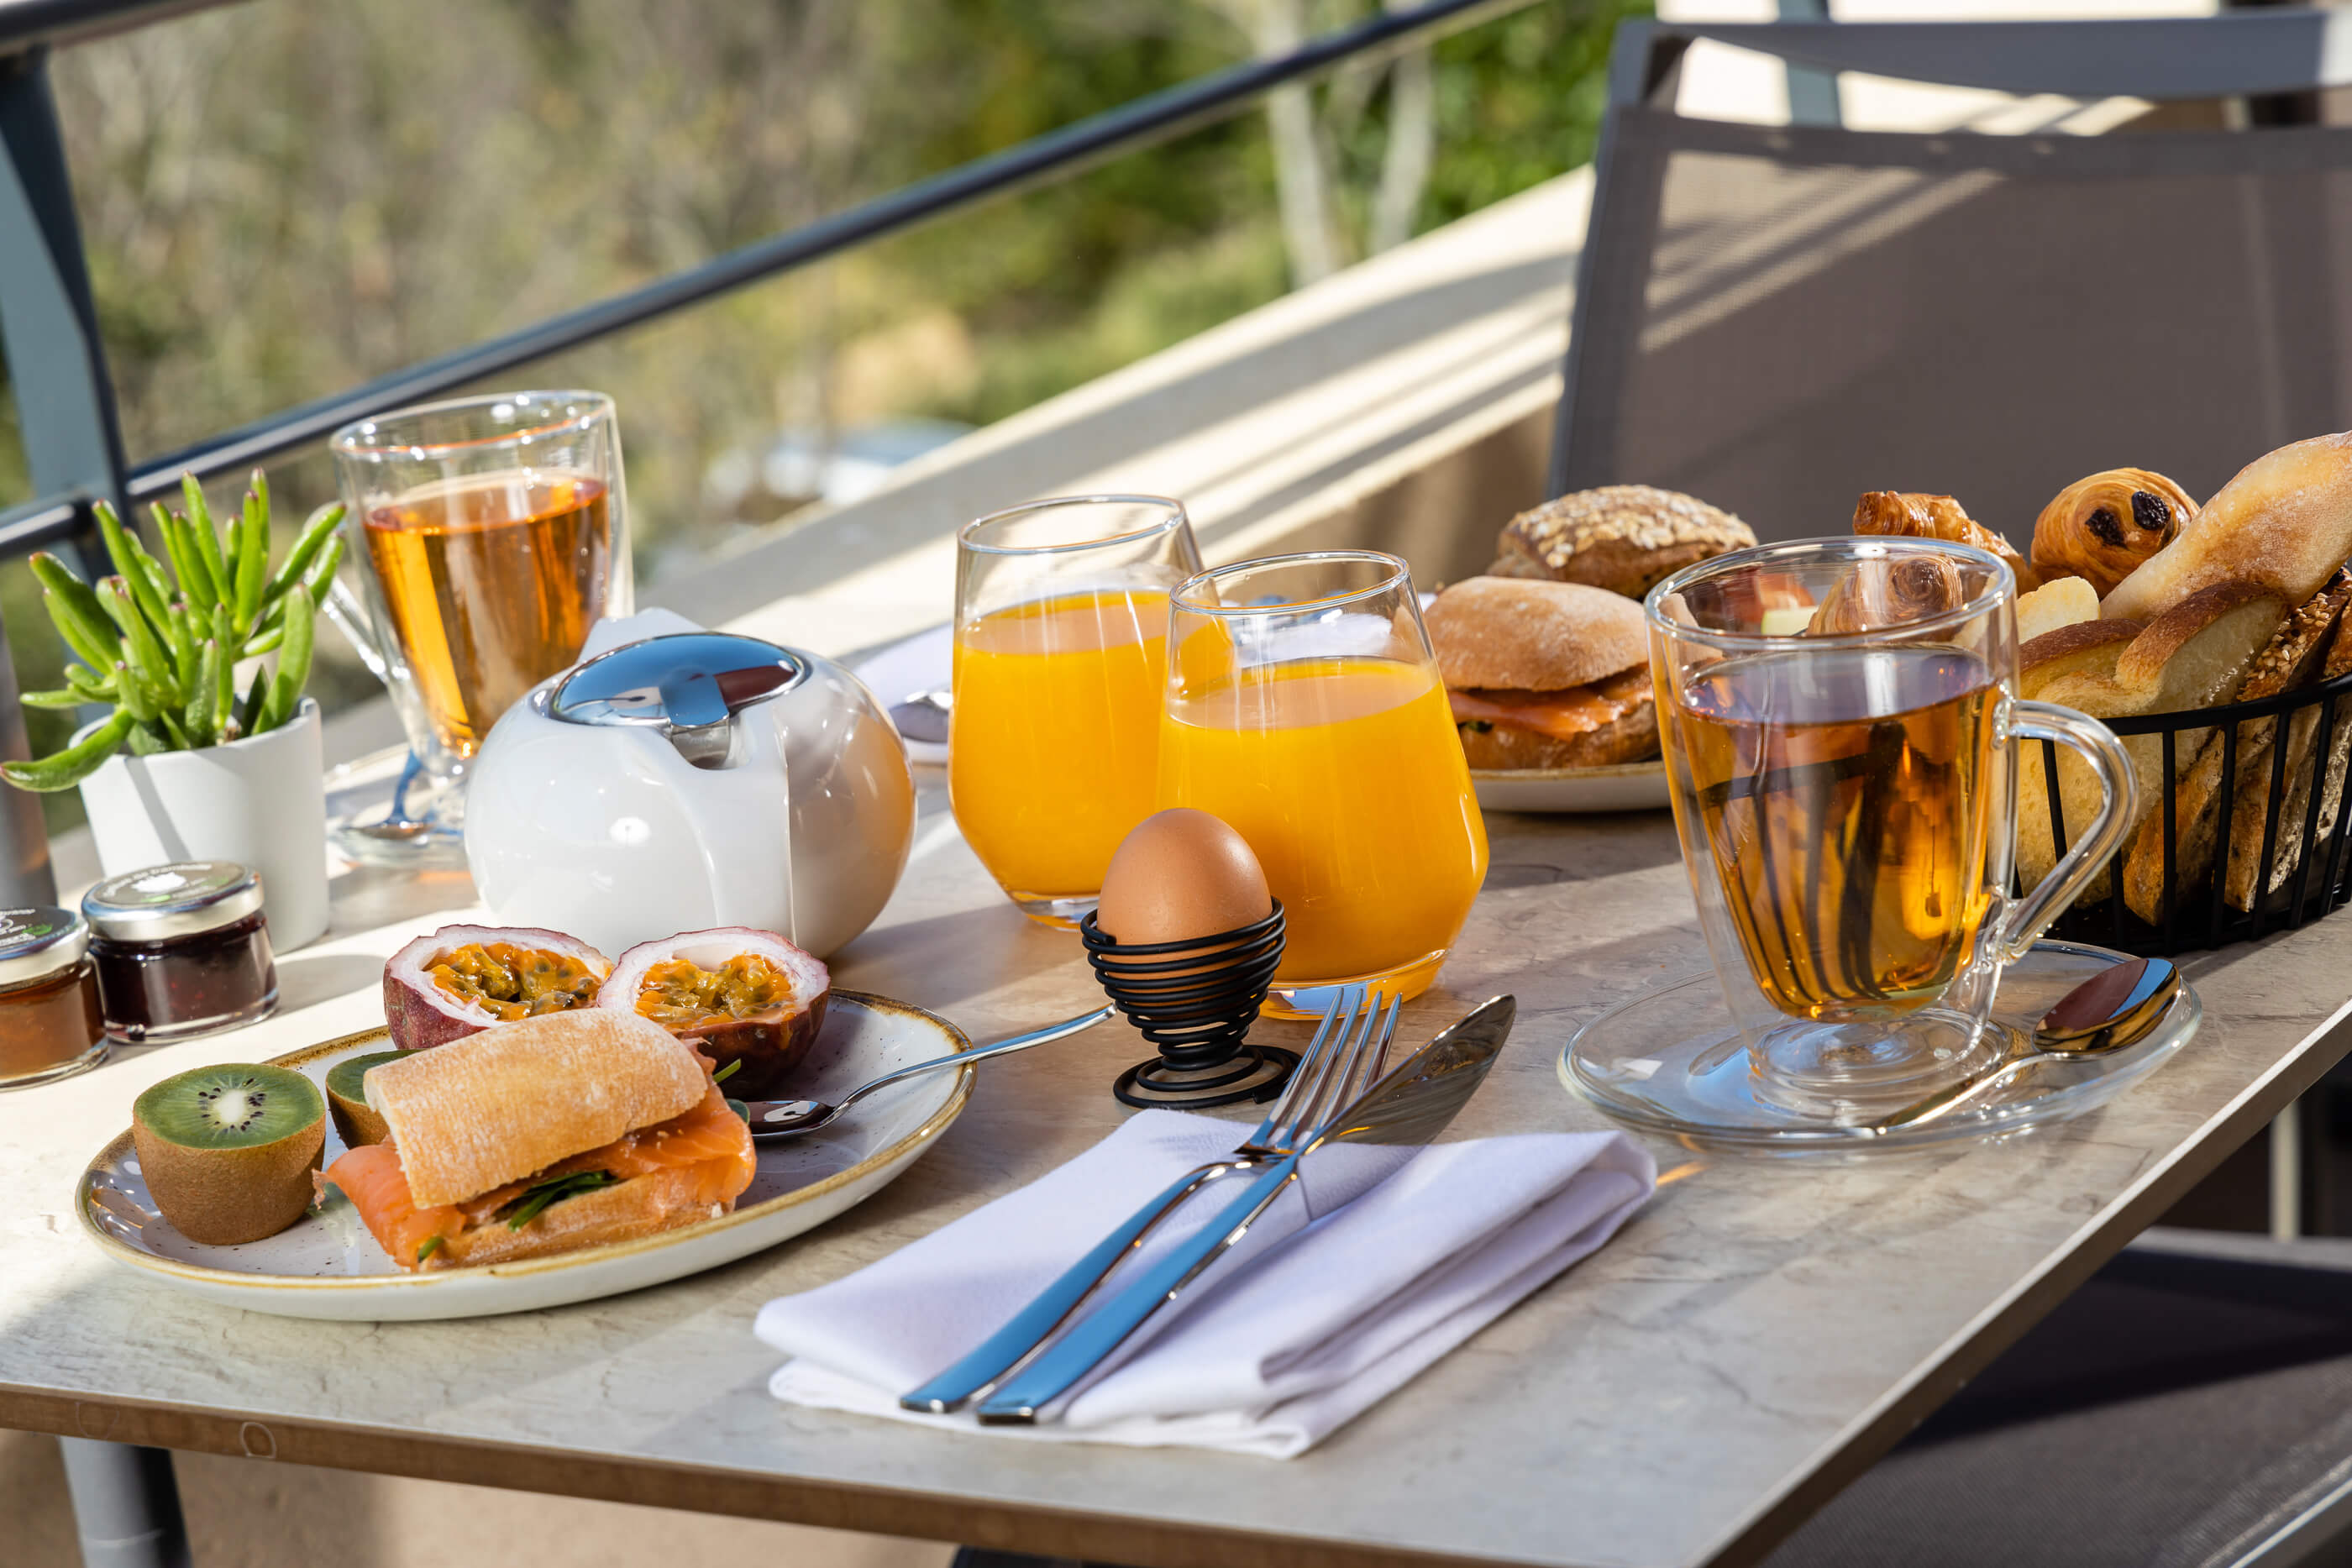 Petit Déjeuner en Terrasse à l'Hôtel Sainte Victoire 4 étoiles à Vauvenargues proche Aix-en-Provence